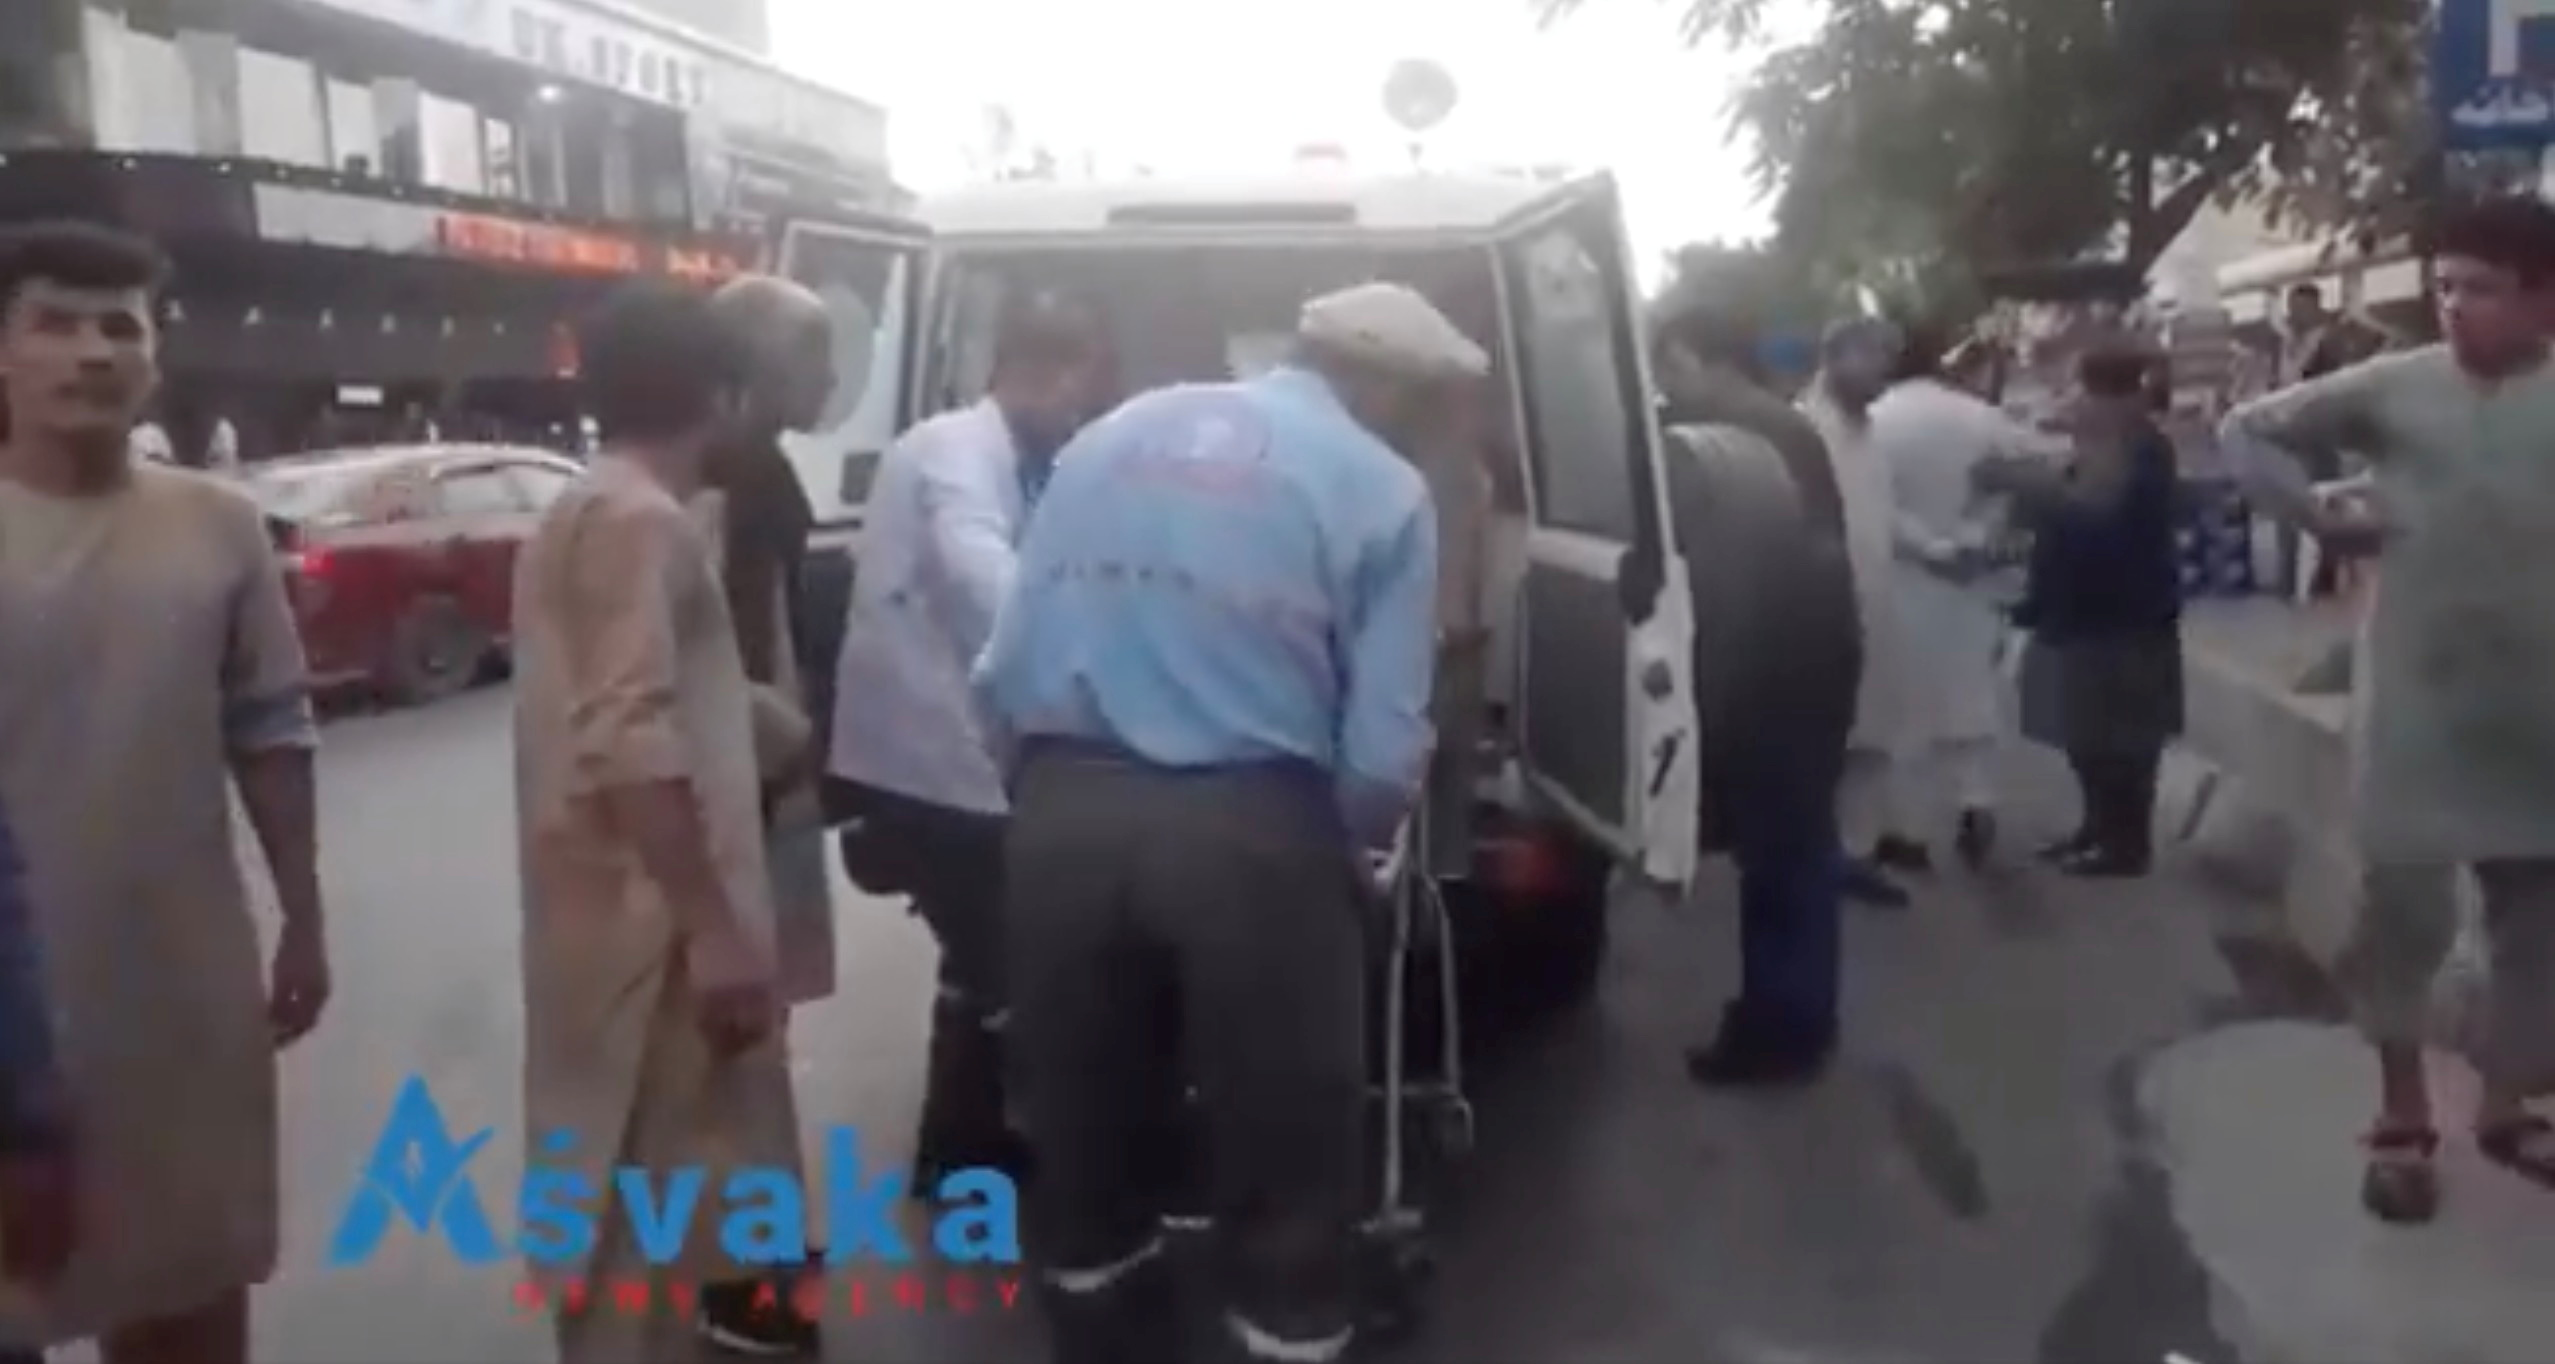 Αφγανιστάν: Μακελειό στη Καμπούλ – Πάνω από 60 νεκροί και 150 τραυματίες – Αναφορές και ακόμη 2 εκρήξεις